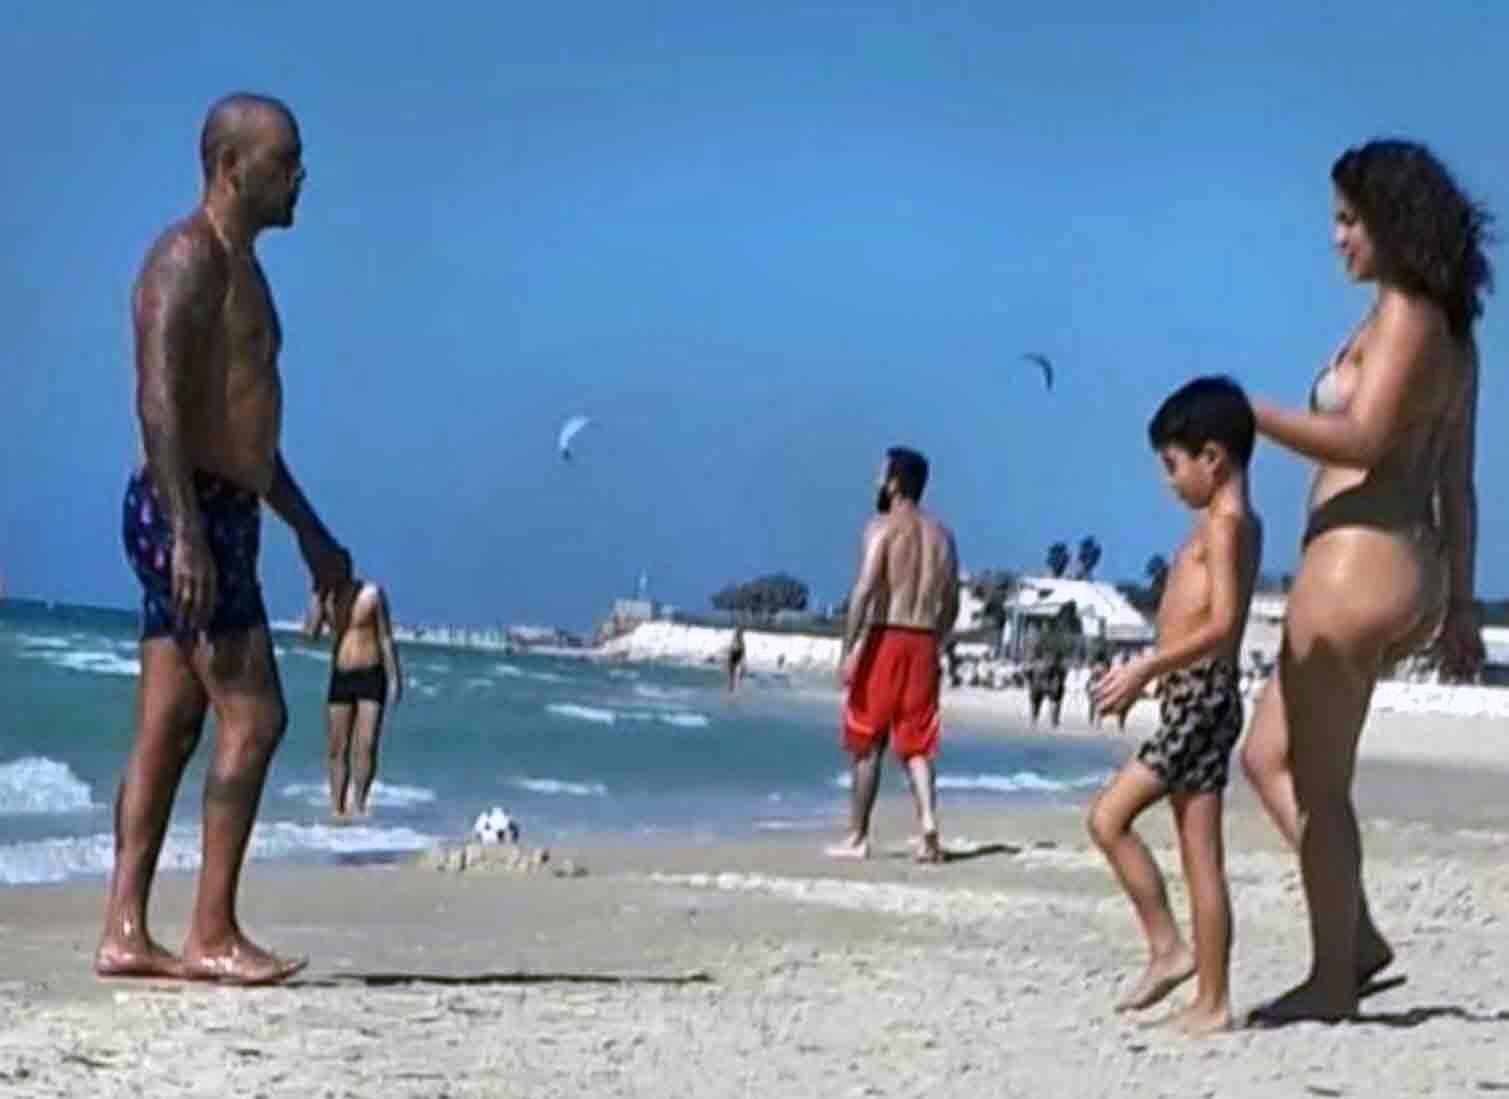 בזמן הסגר!? אייל גולן ודניאל גרינברג מבלים בים יחד עם יאן